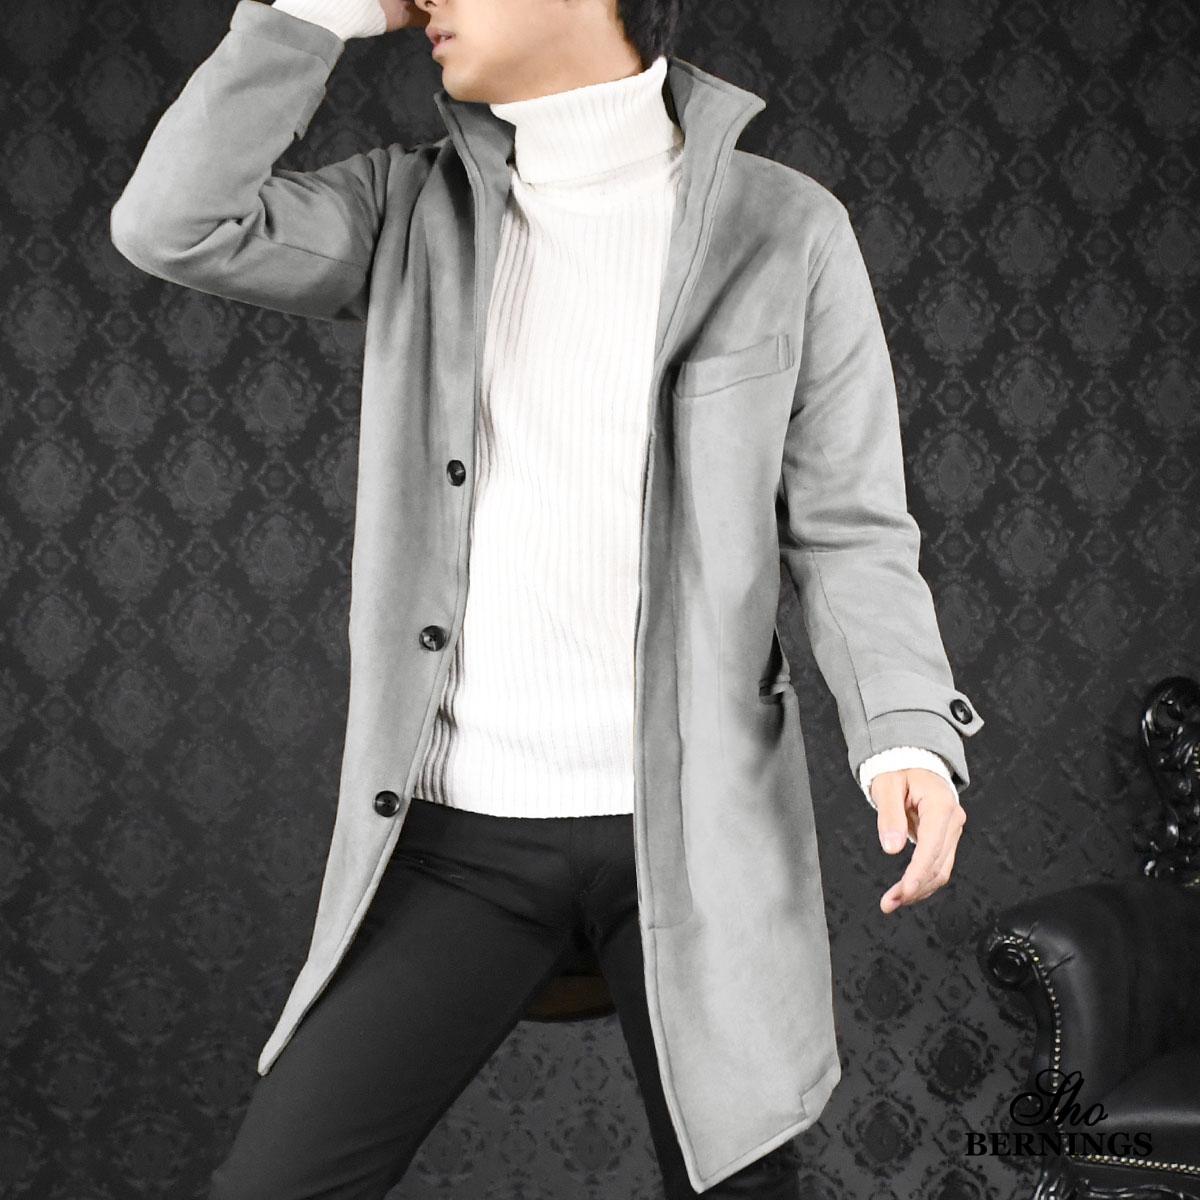 コート イタリアンカラー フェイクスウェード メンズ ロング丈 ロングコート mens(グレー灰)